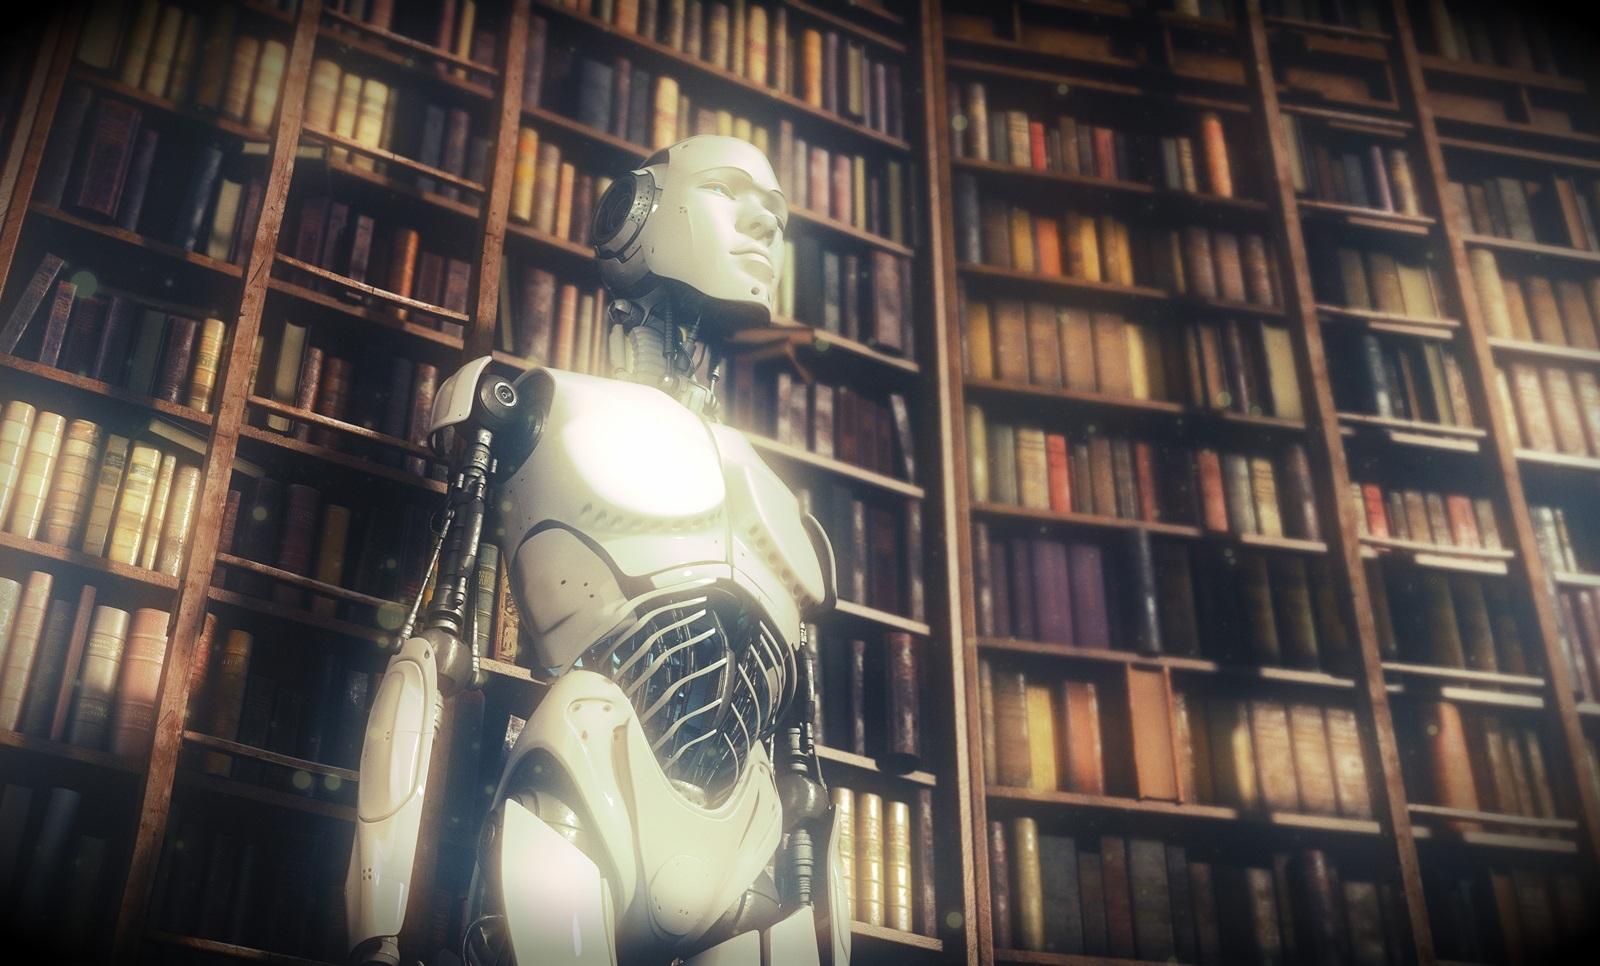 Futuristic robot in classic library by Vladislav Ociacia